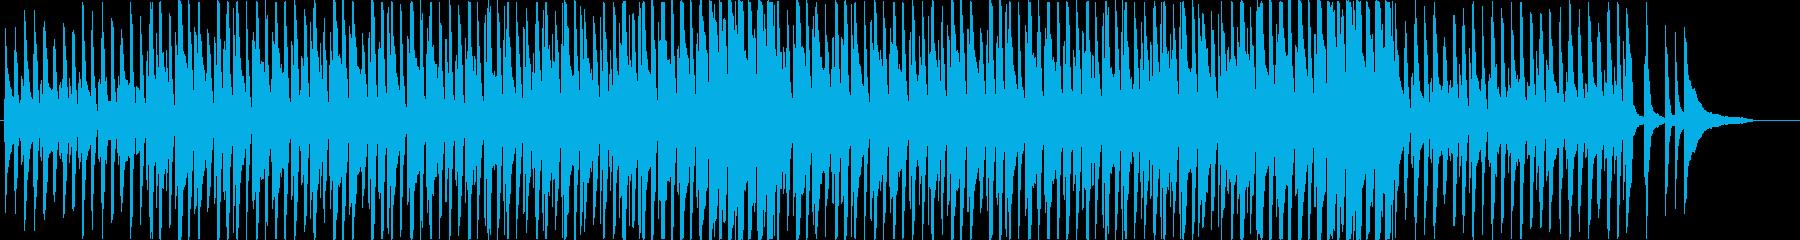 ほのぼのかわいらしいグロッケン・ポップスの再生済みの波形